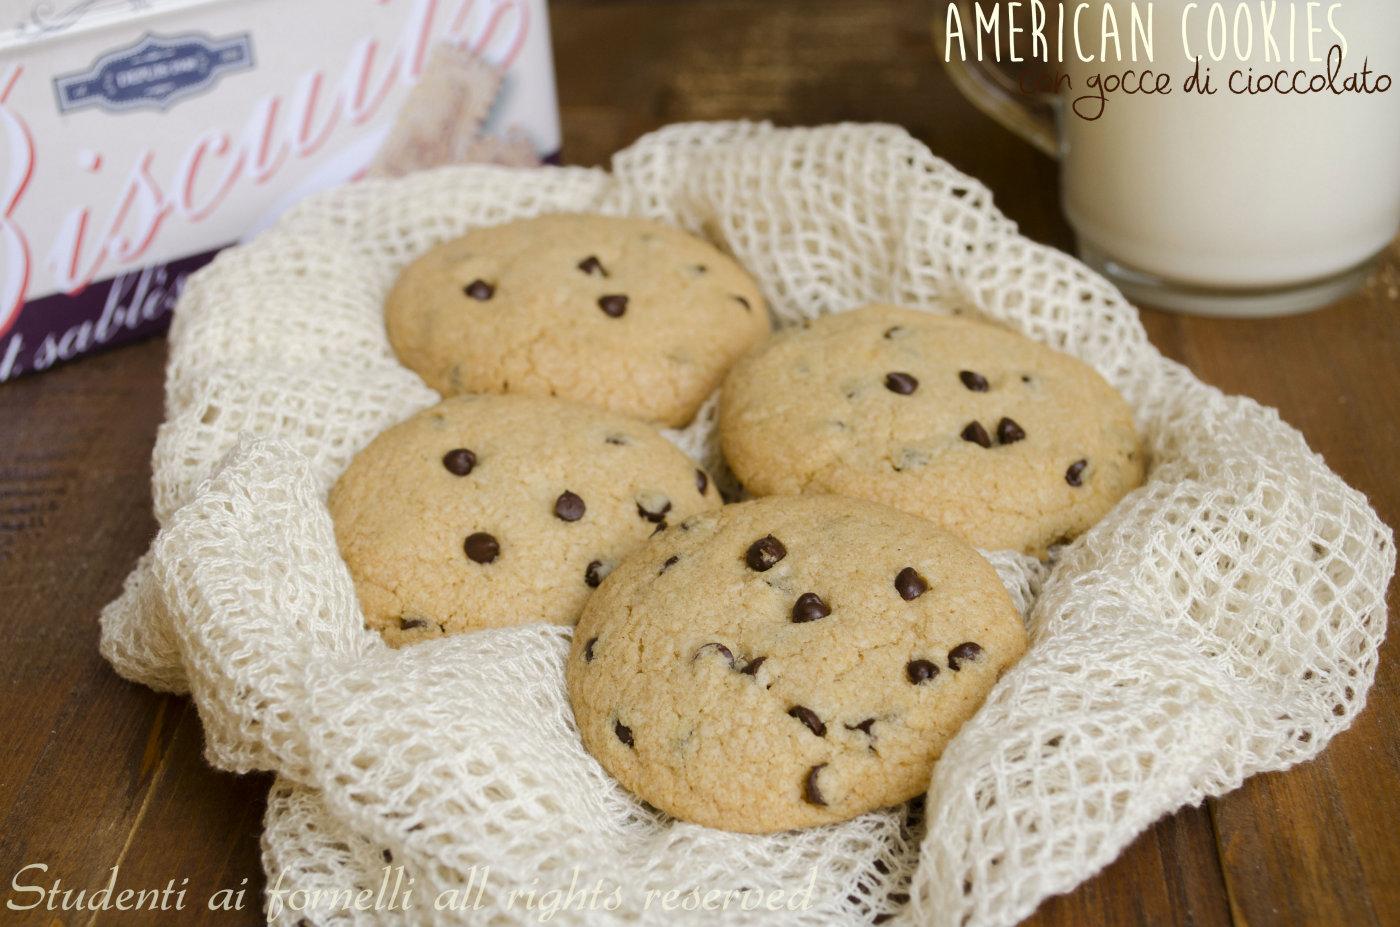 american cookies con gocce di cioccolato ricetta biscotti facili e golosi